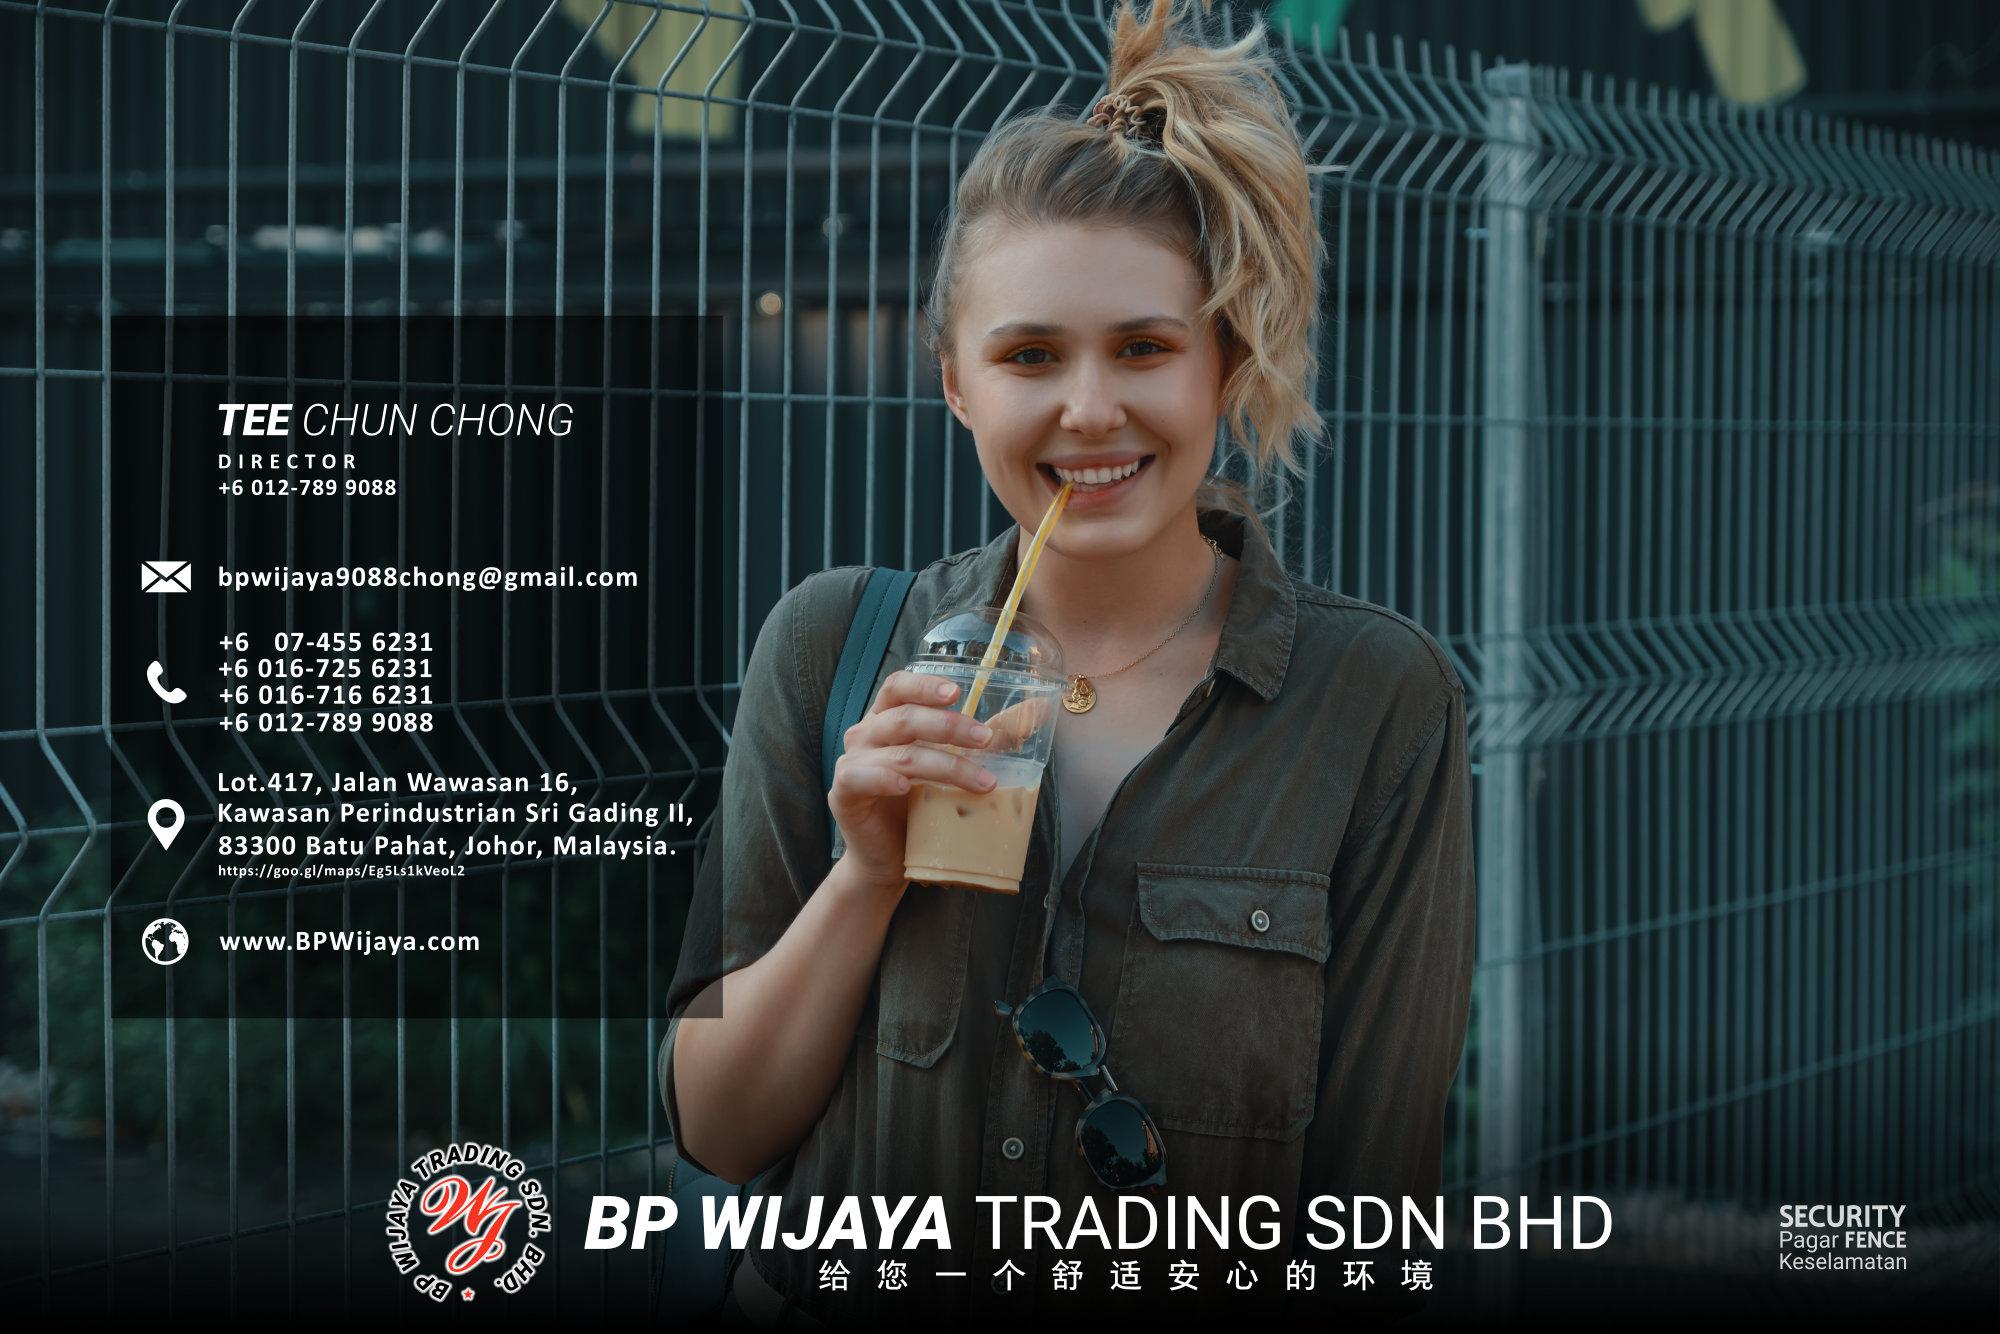 吉隆坡安全篱笆供应商 - 我们是安全篱笆制造商 BP Wijaya Trading Sdn Bhd 住家围栏篱笆 提供 吉隆坡篱笆 建筑材料 给 发展商 花园 公寓 住家 工厂 农场 果园 安全藩篱 建设 A03-016